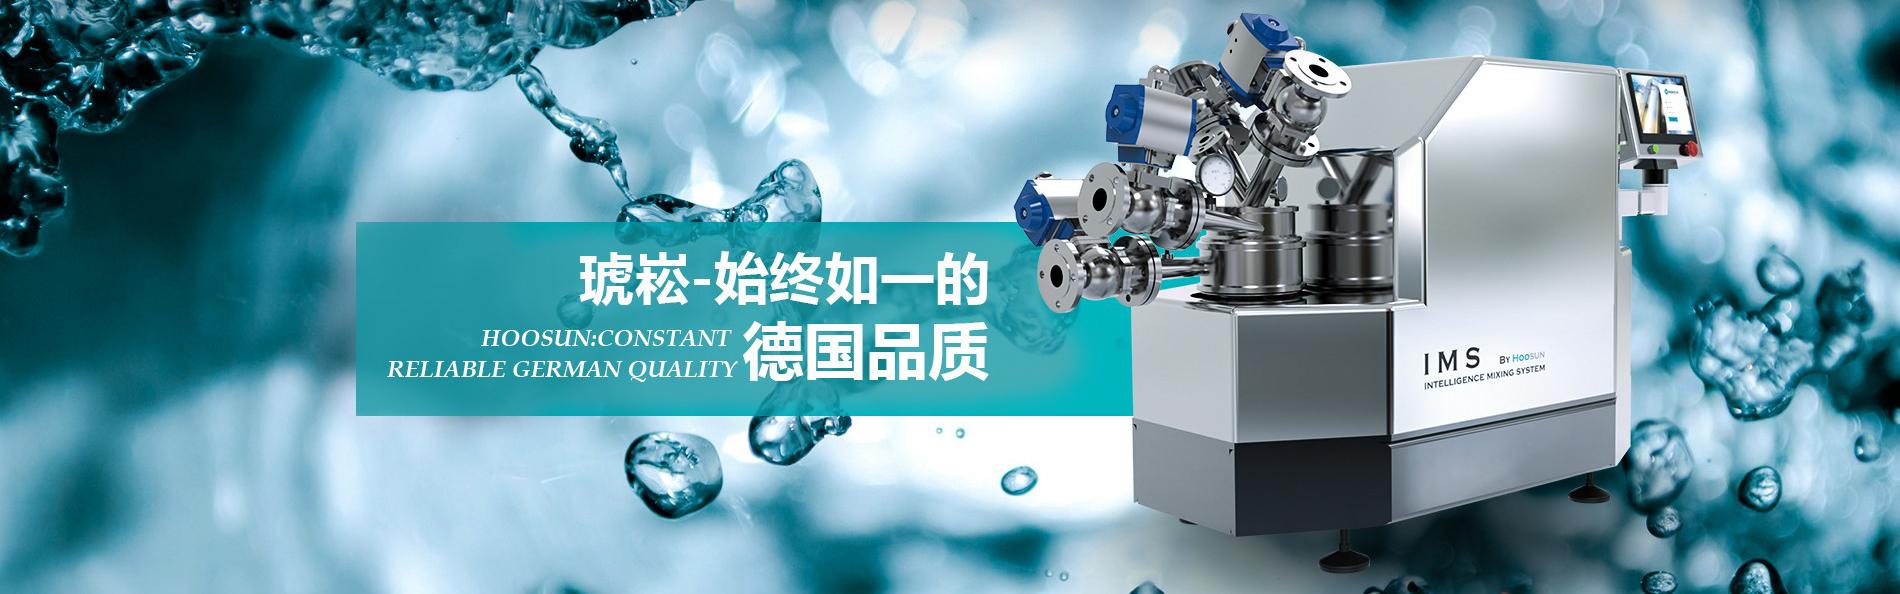 上海琥崧智能科技股份有限公司